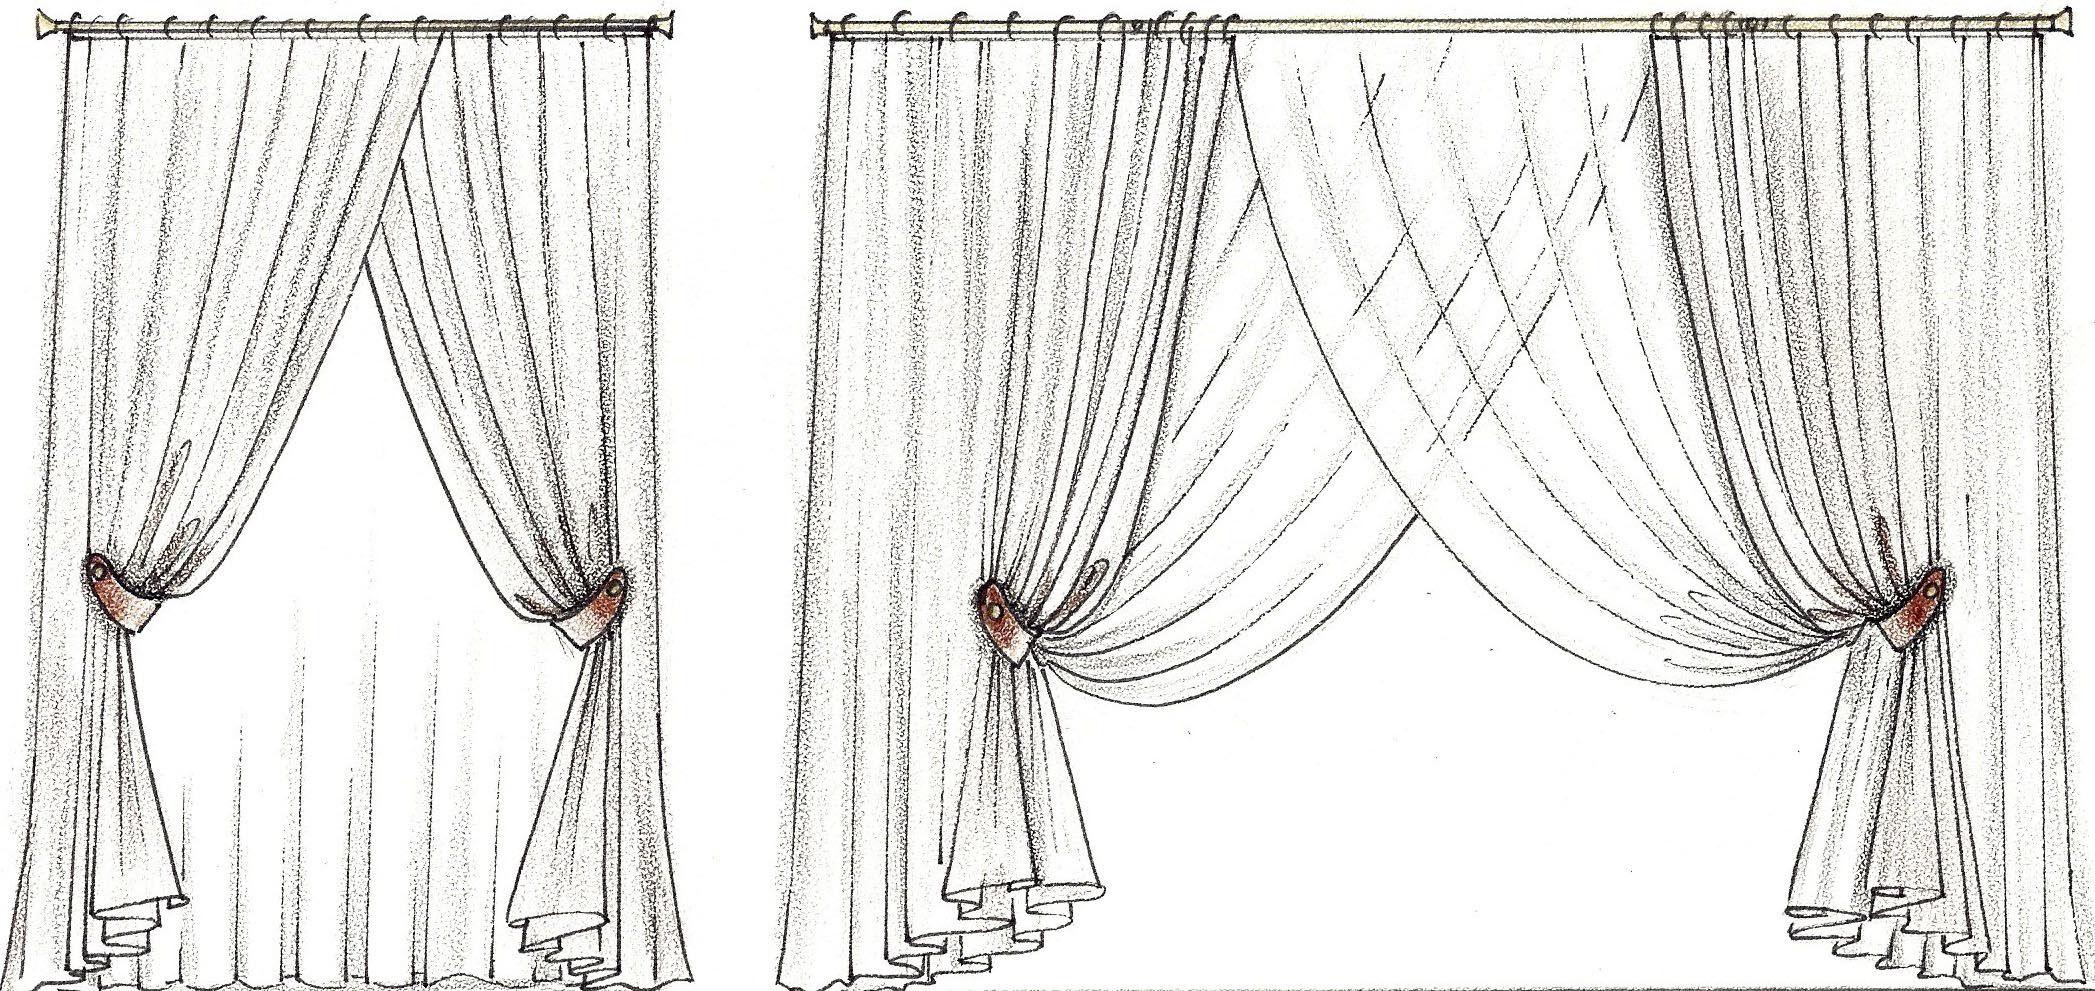 картинка как нарисовать шторы ещё, когда покидал